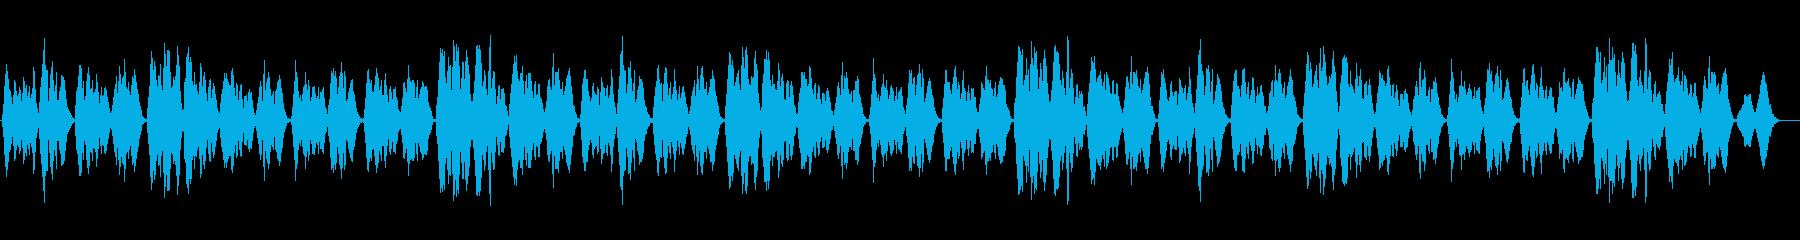 船が沈没する映画で使用された讃美歌320の再生済みの波形